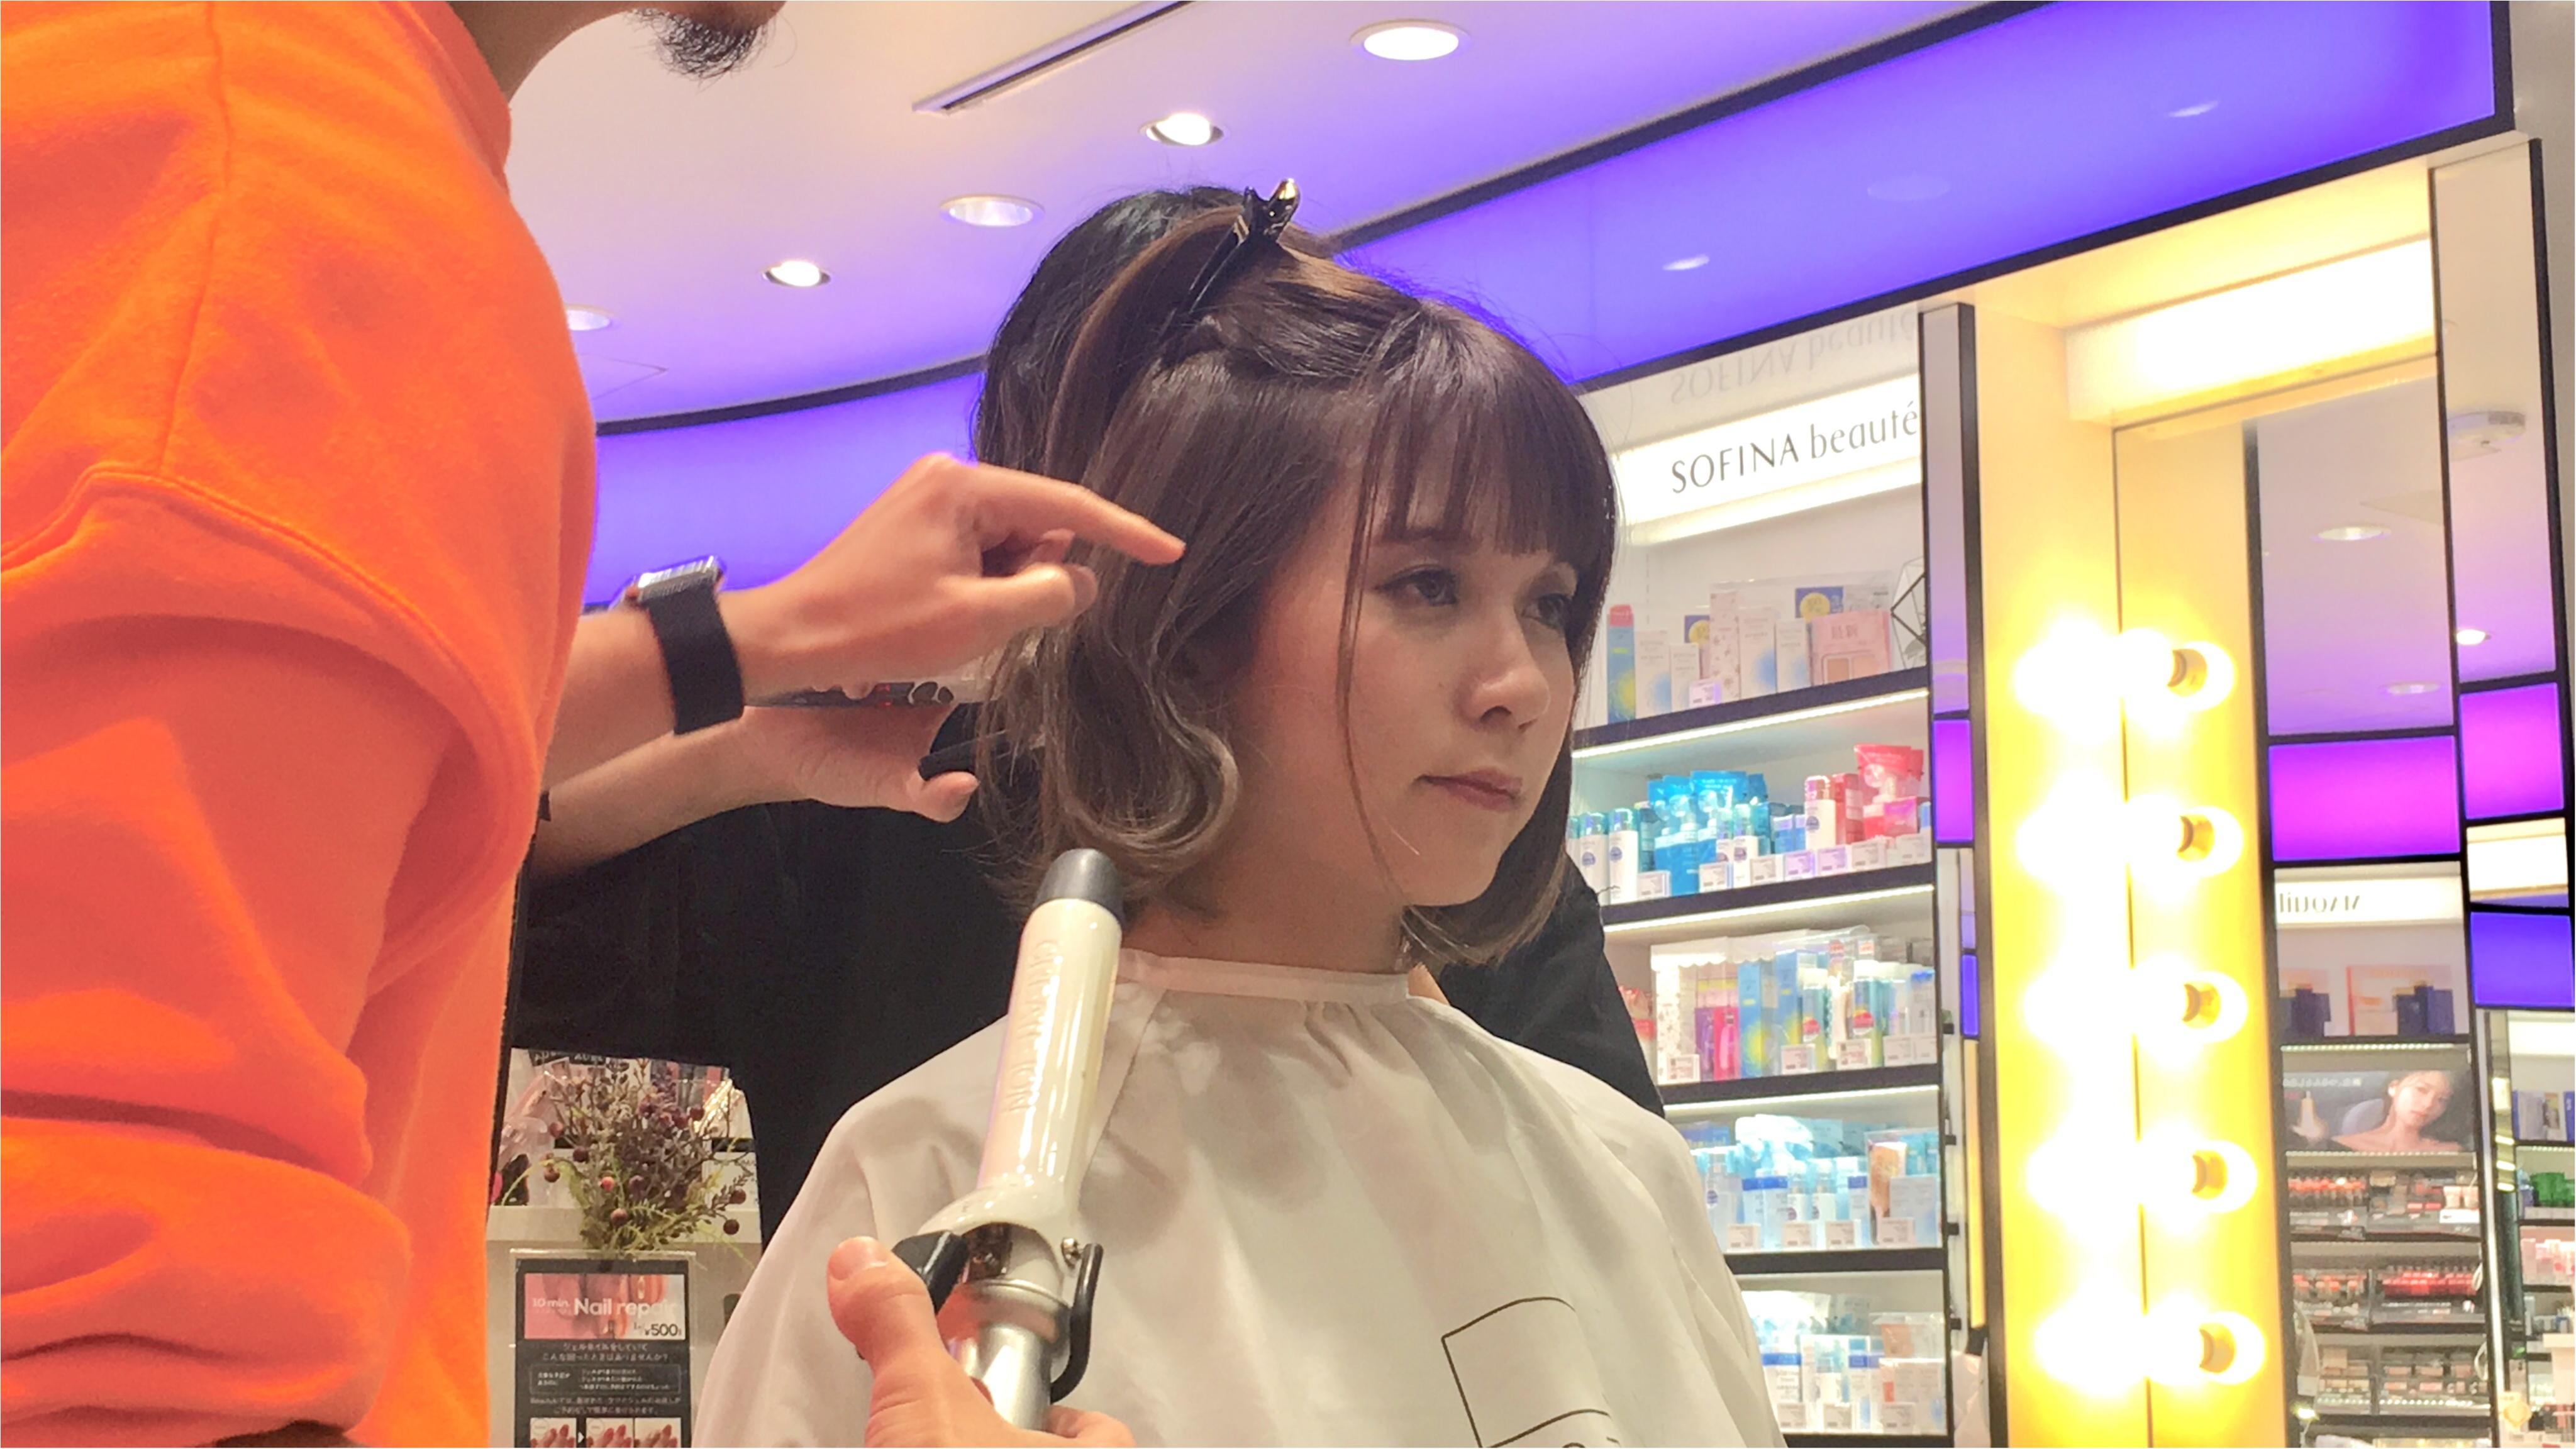 【銀座BeautyU】ヘアスタイリングセミナーでマンネリ解消!?_3